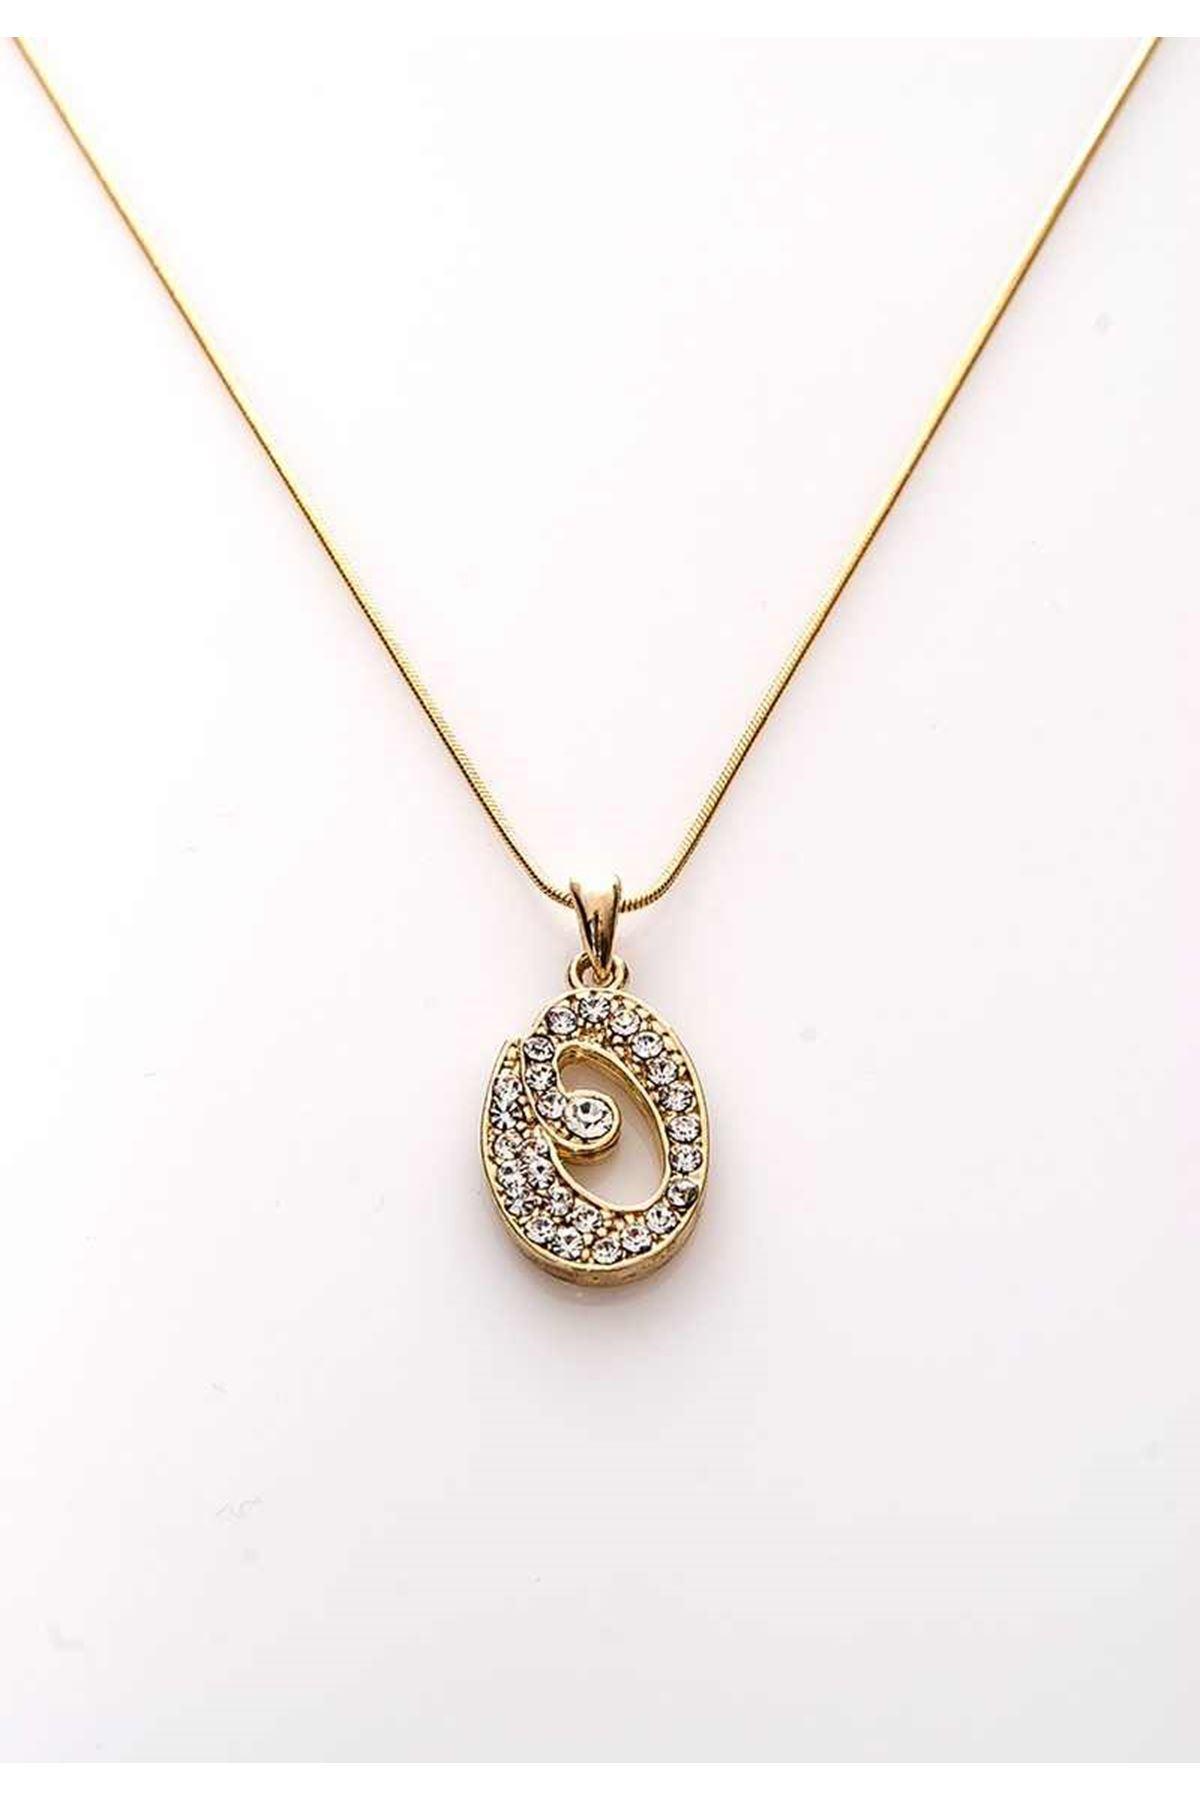 Gold Taşlı O Harf Kolye 11Ç-107852